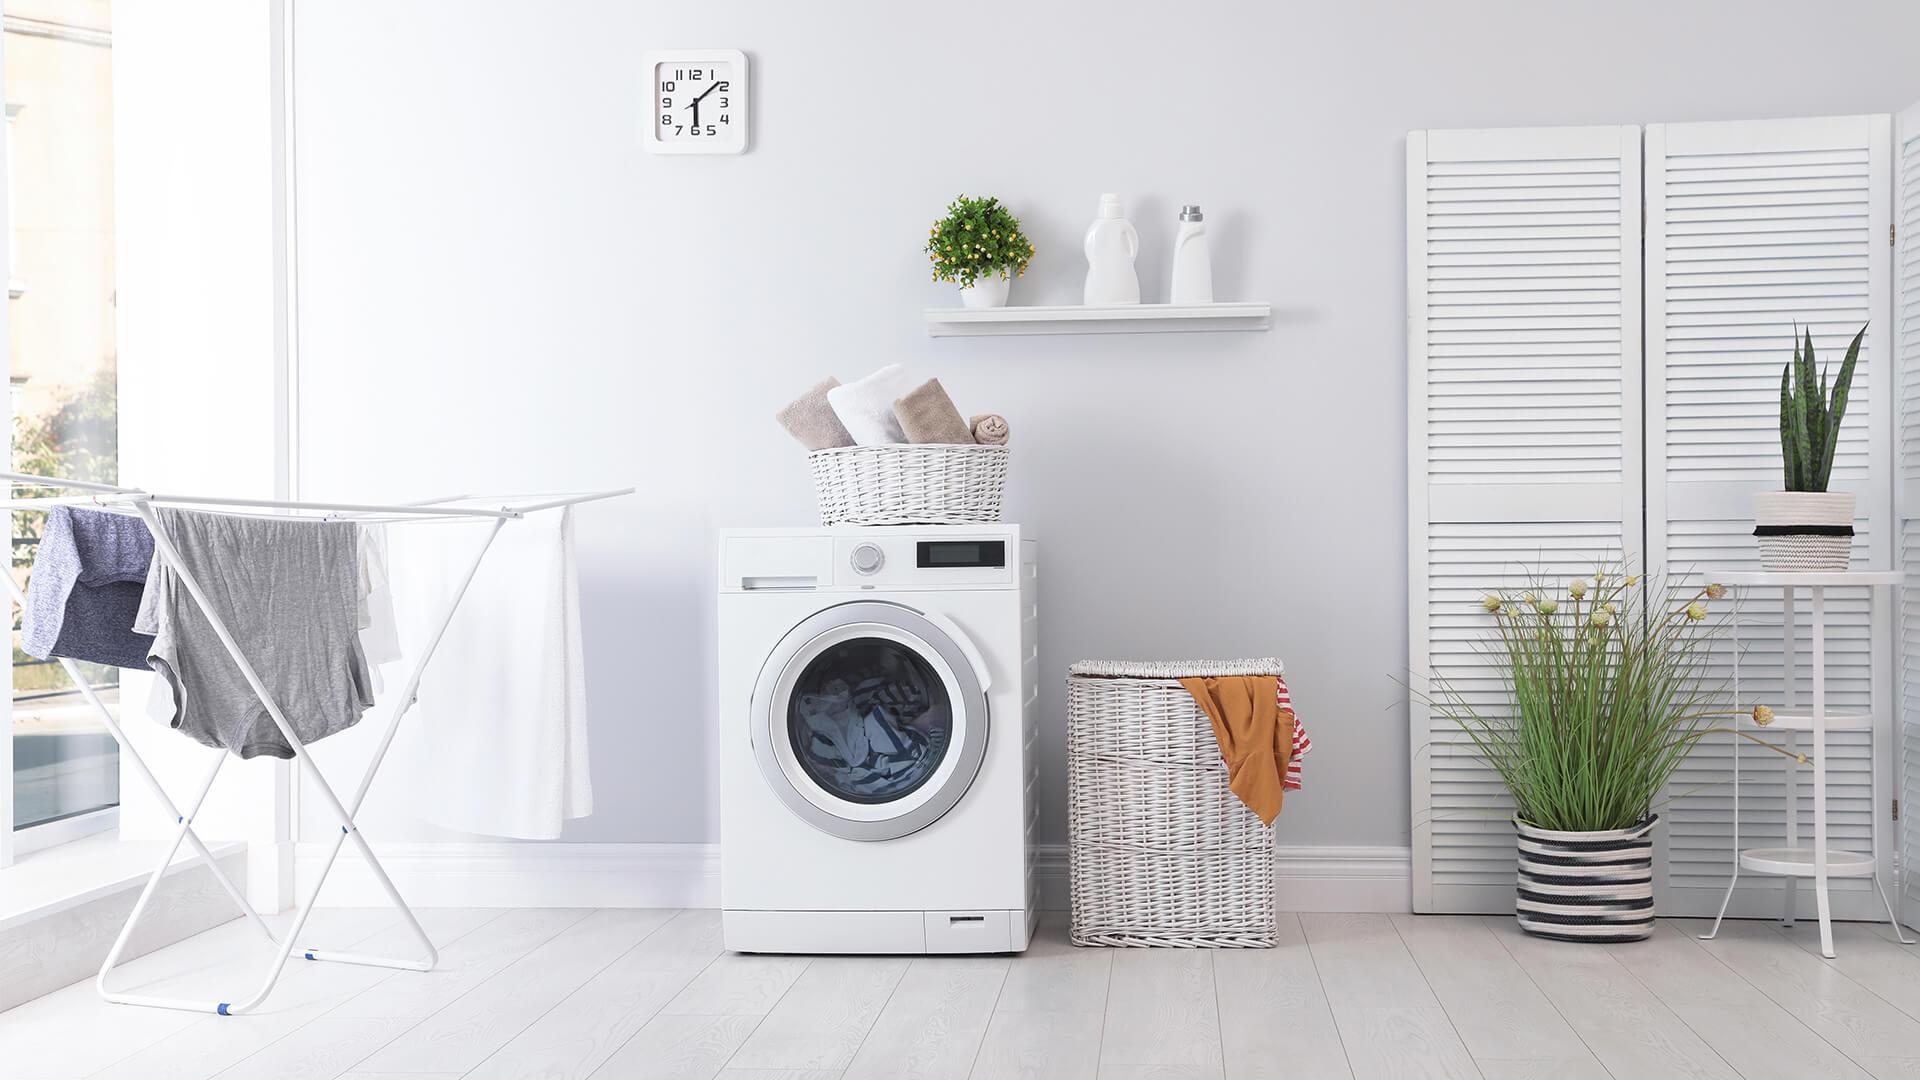 Nhiều sản phẩm điện lạnh giảm giá trong mùa dịch - Ảnh 4.